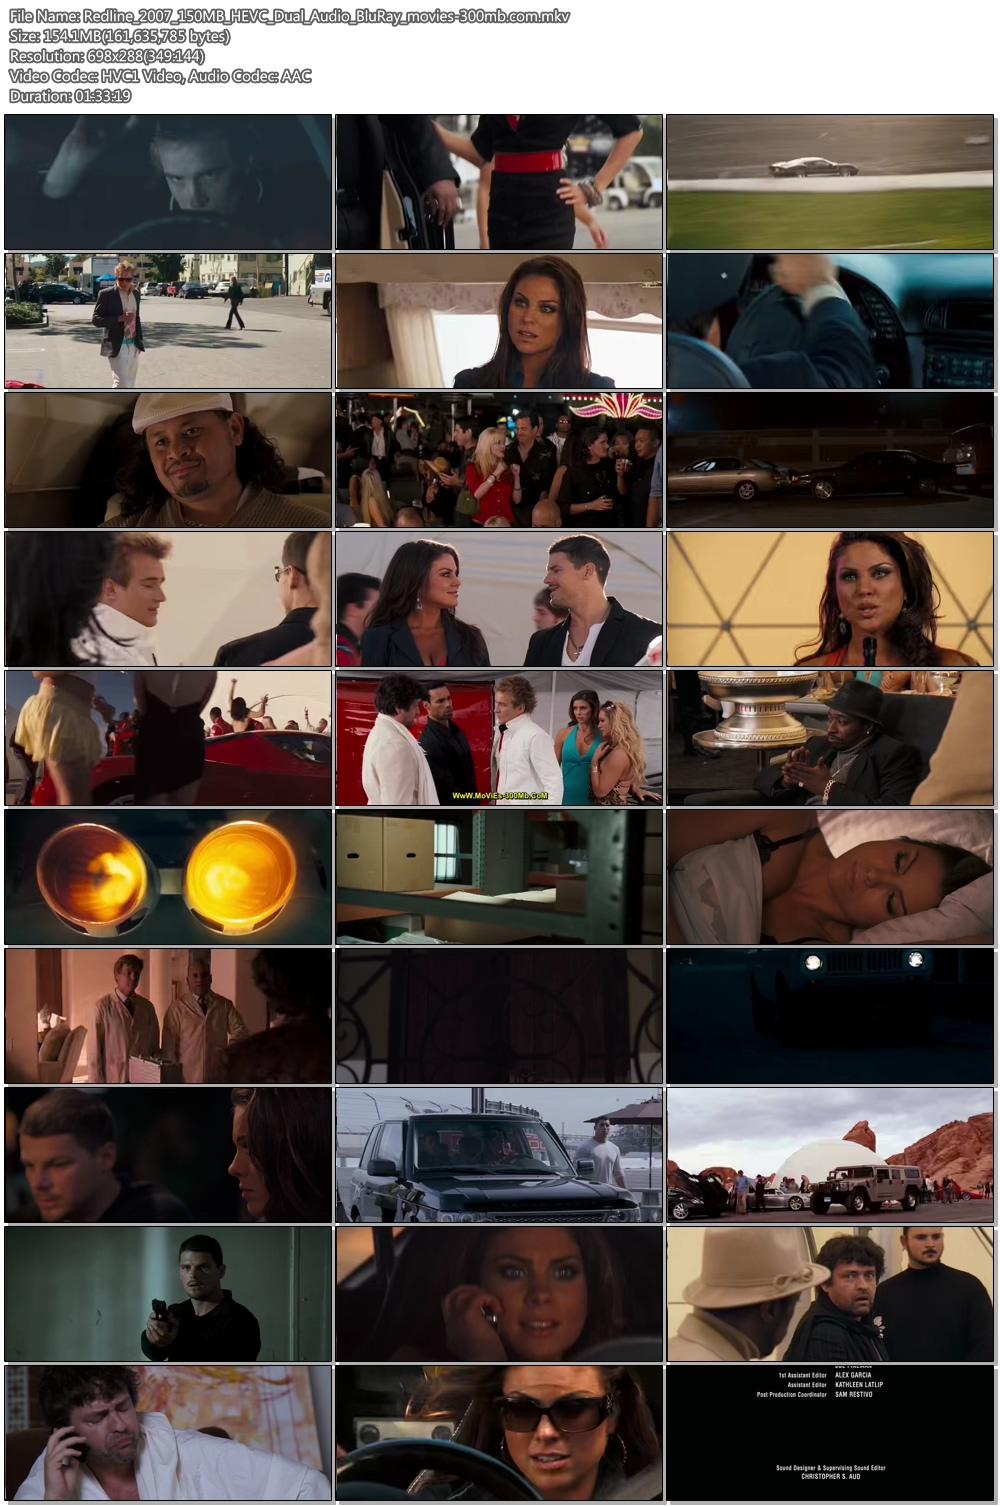 150 mb movies mkv - Downton abbey season 2 review